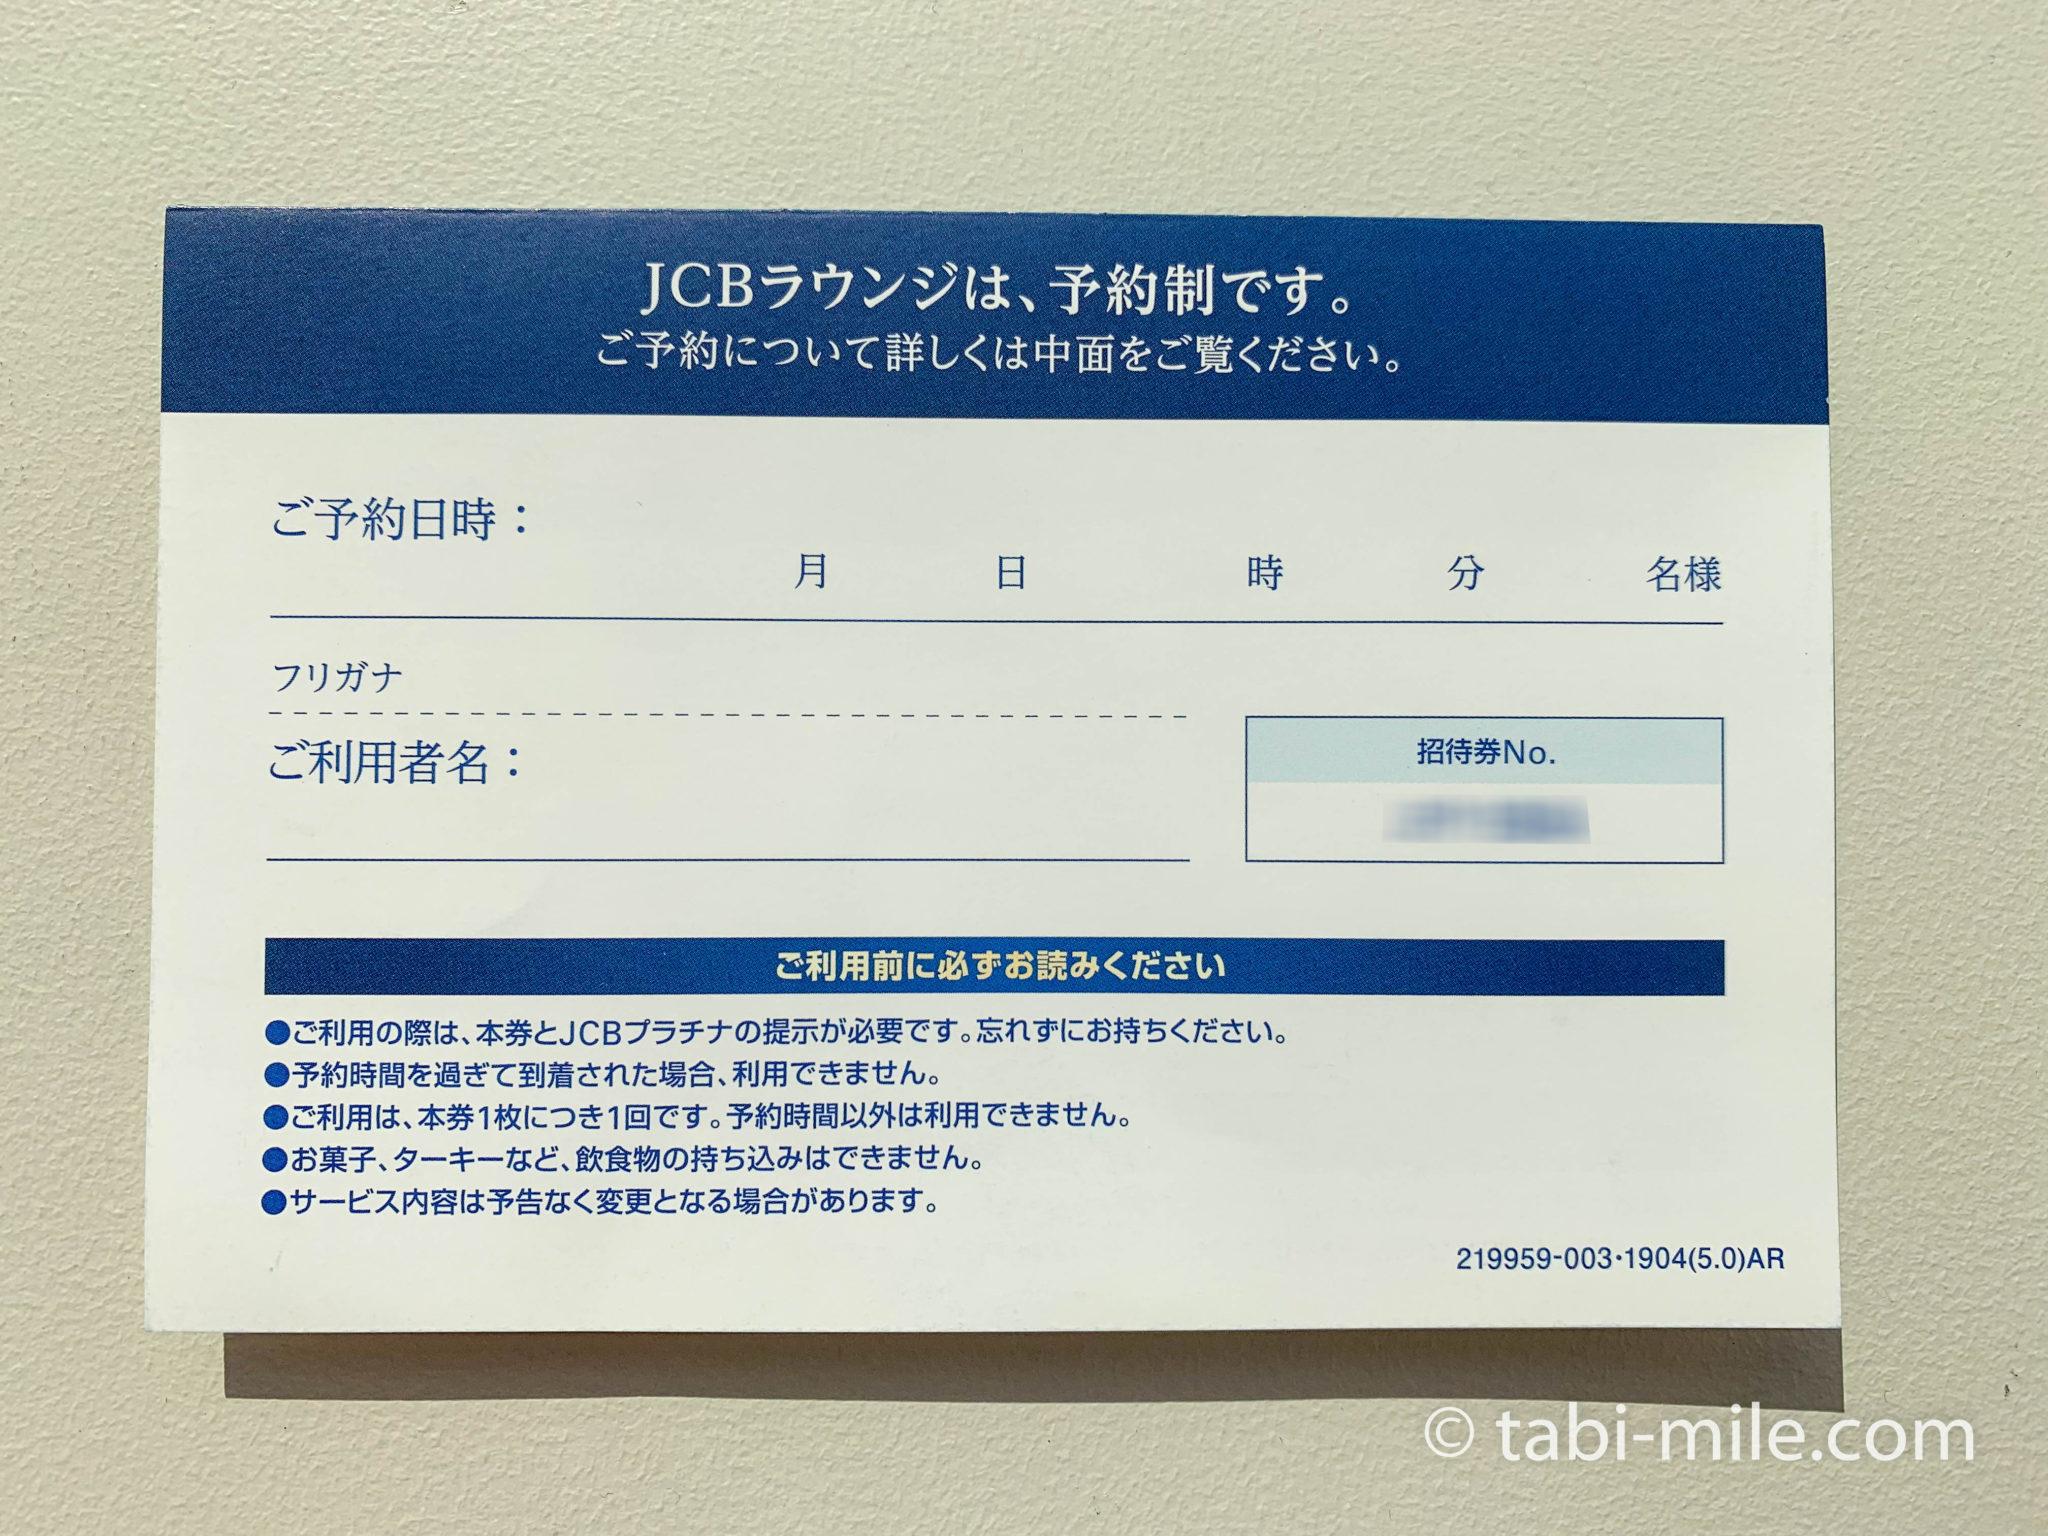 JCBラウンジ ユニバーサルスタジオジャパン 招待券